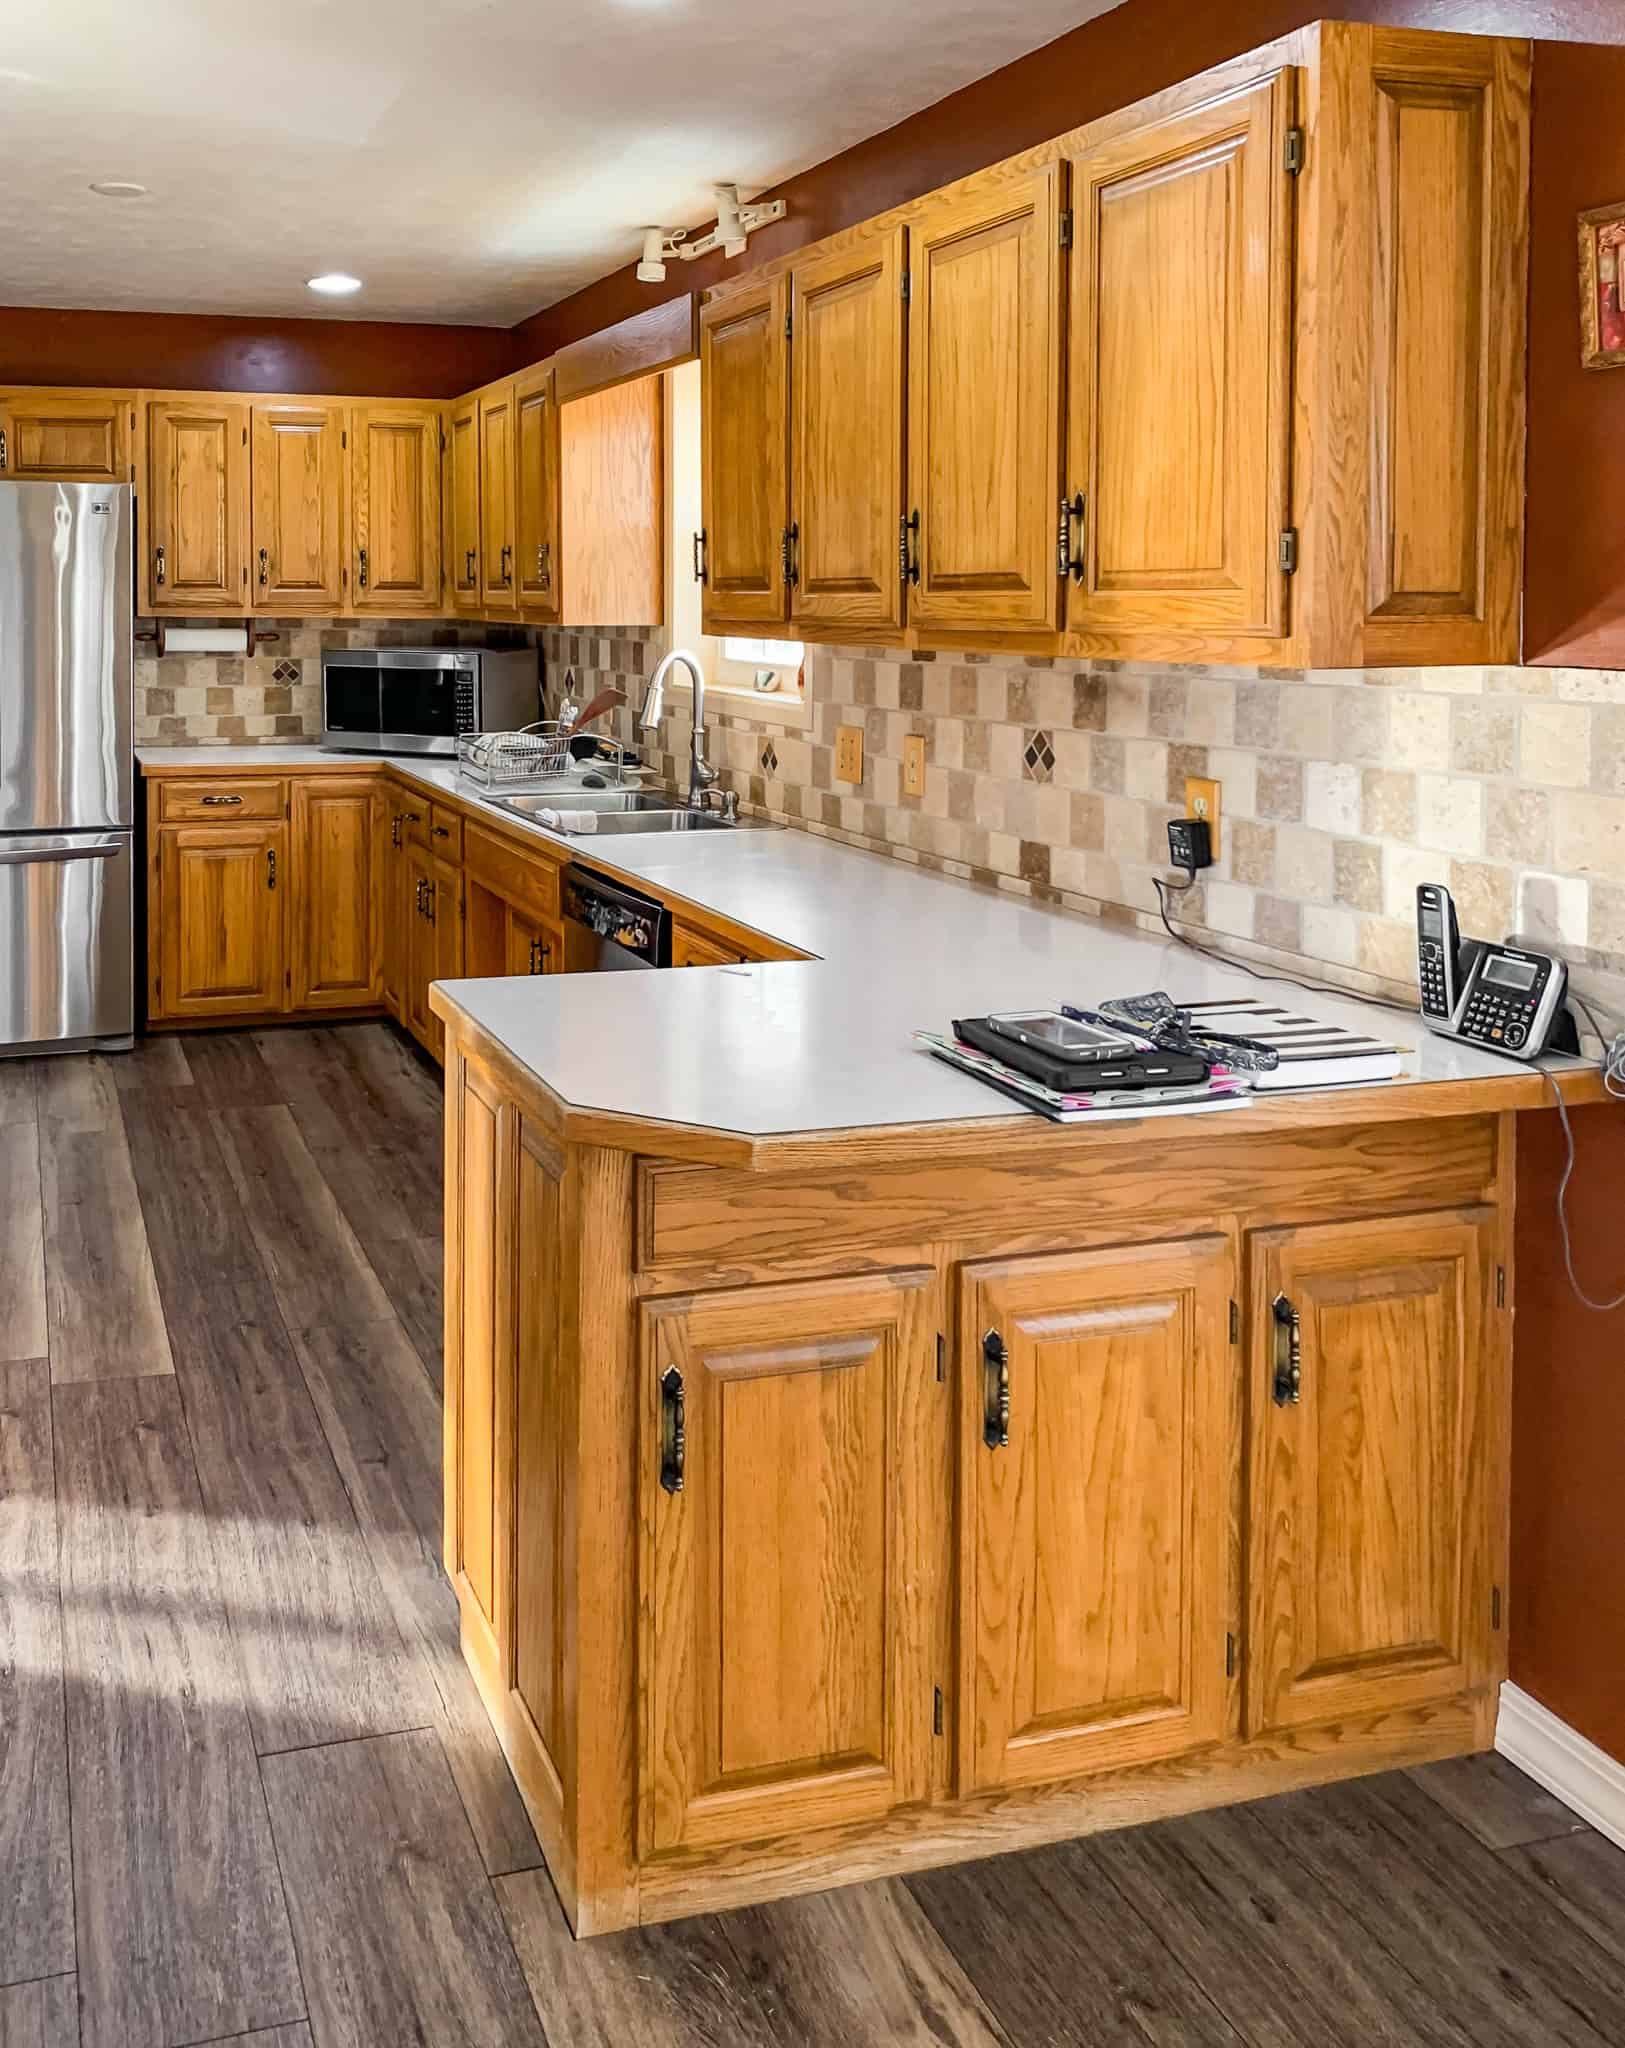 Honey oak kitchen cabinets-02 - Painted by Kayla Payne